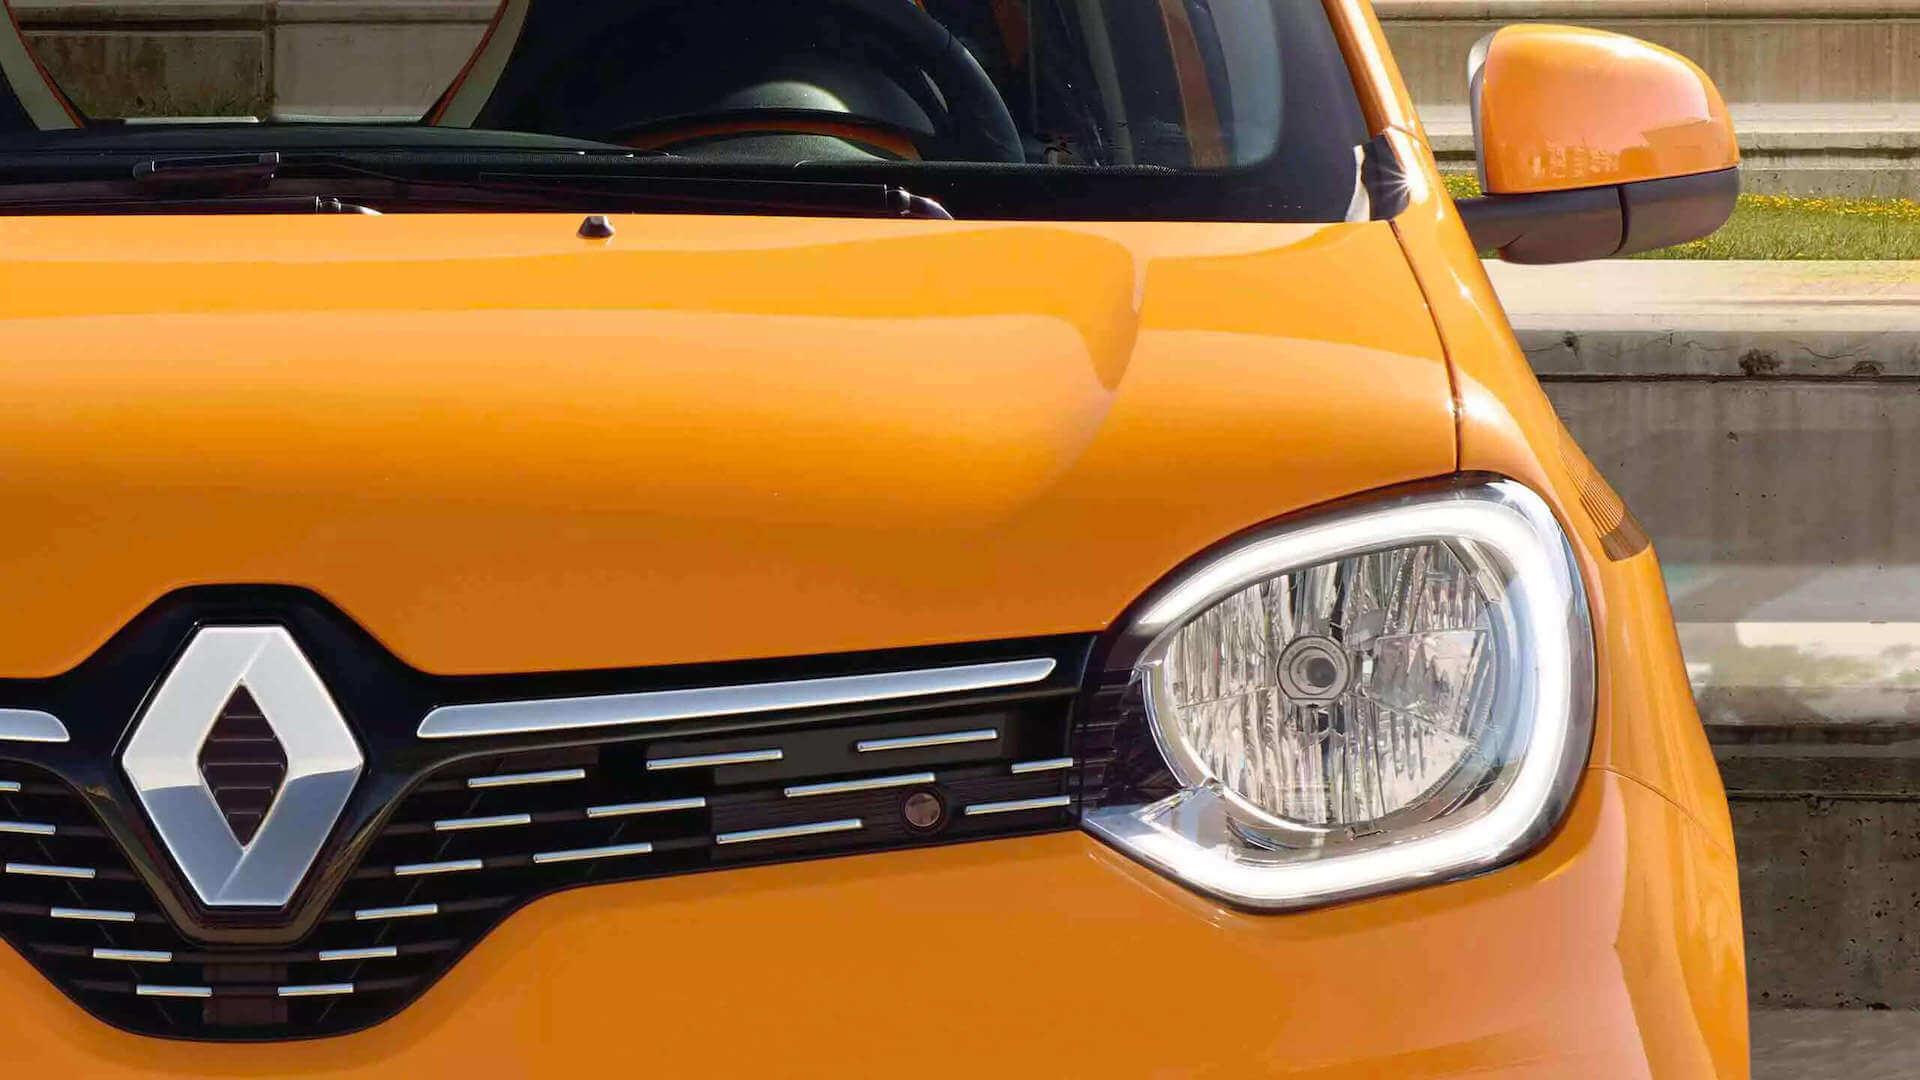 Frontansicht vom Auto - orange - Renault Twingo - Renault Ahrens Hannover